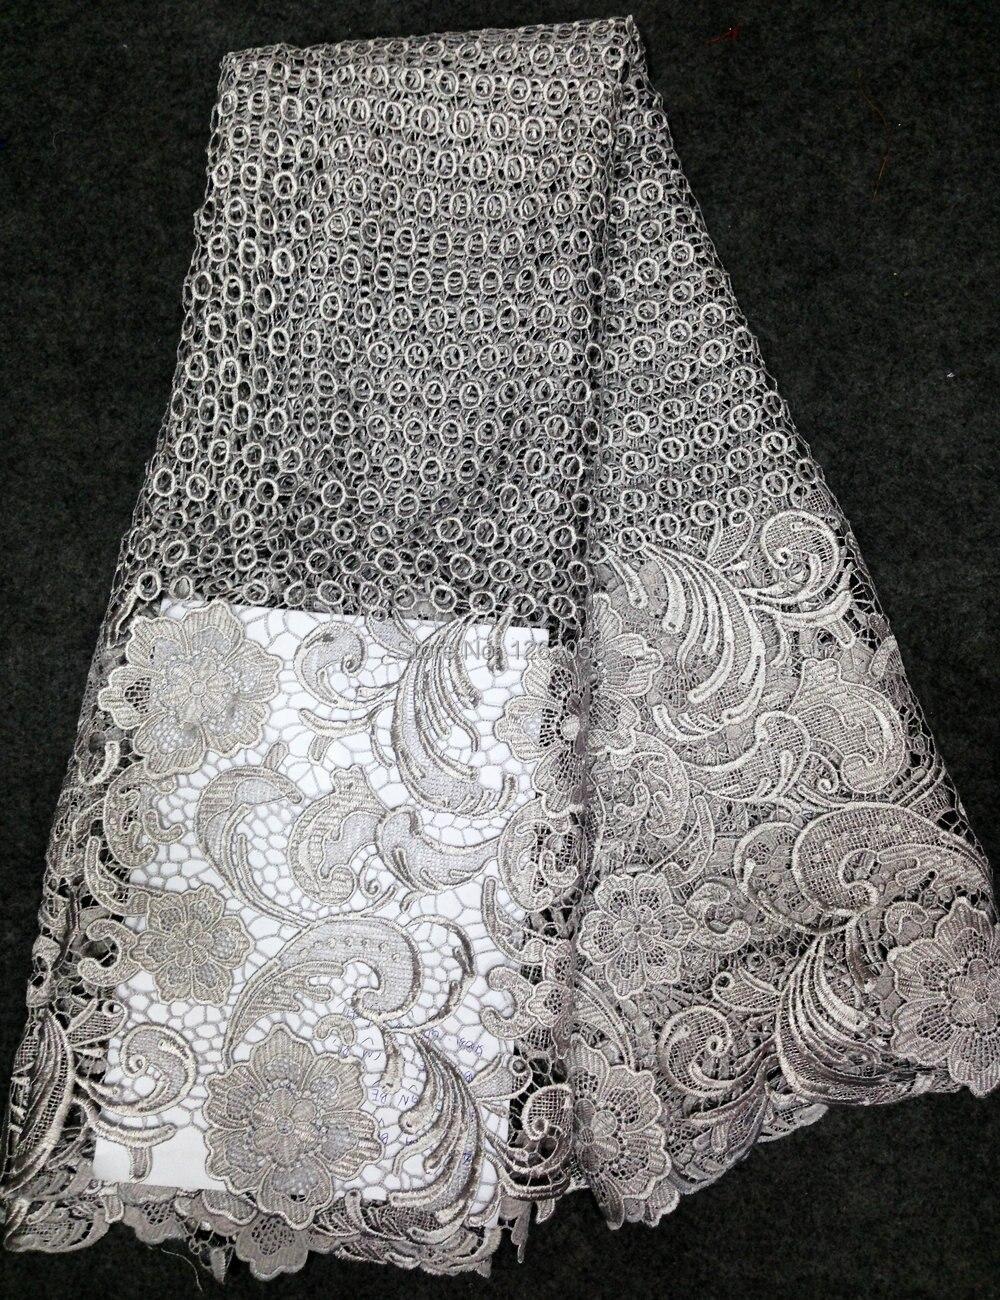 Vysoce kvalitní pěkná bavlněná síť Guipure Swiss Voile African Cord Lace Fabric v oranžové barvě pro šití svatebních dárkových šatů # C001